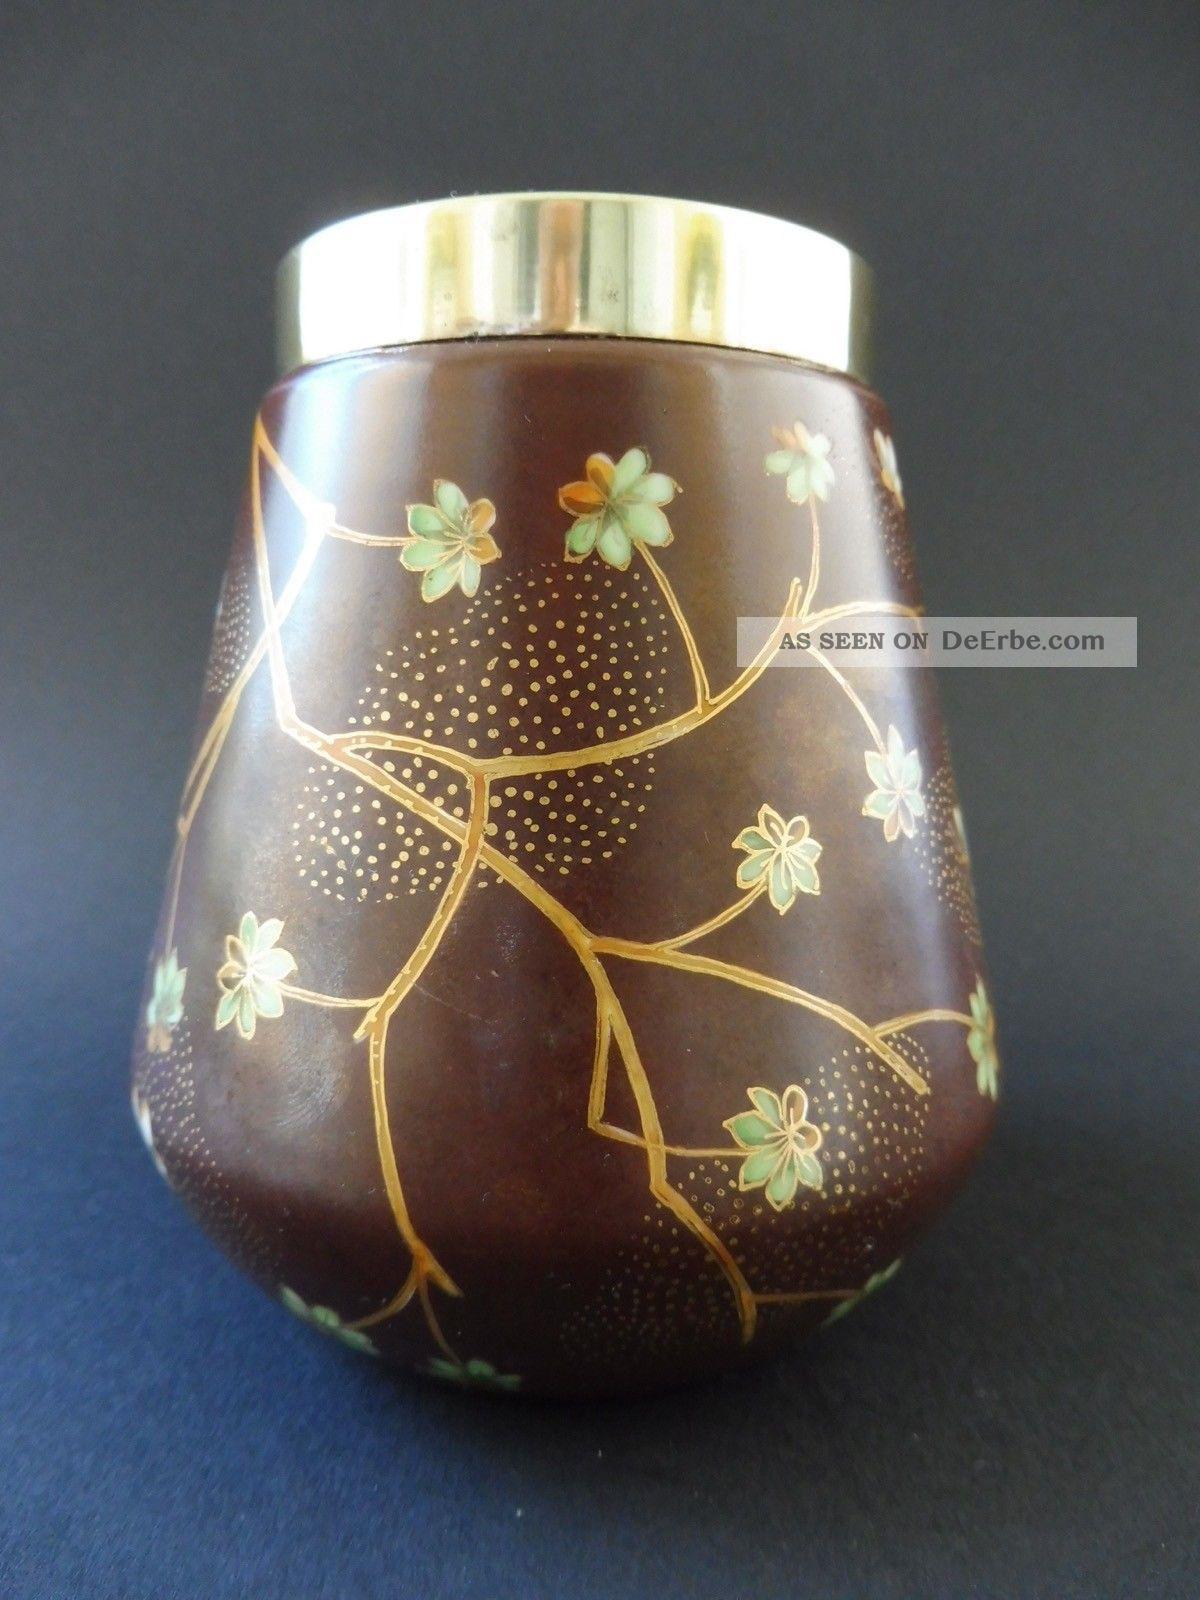 French Jugendstil Schmetterling Vase Floral Japonismus Art Nouveau Japonisme Fly 1890-1919, Jugendstil Bild